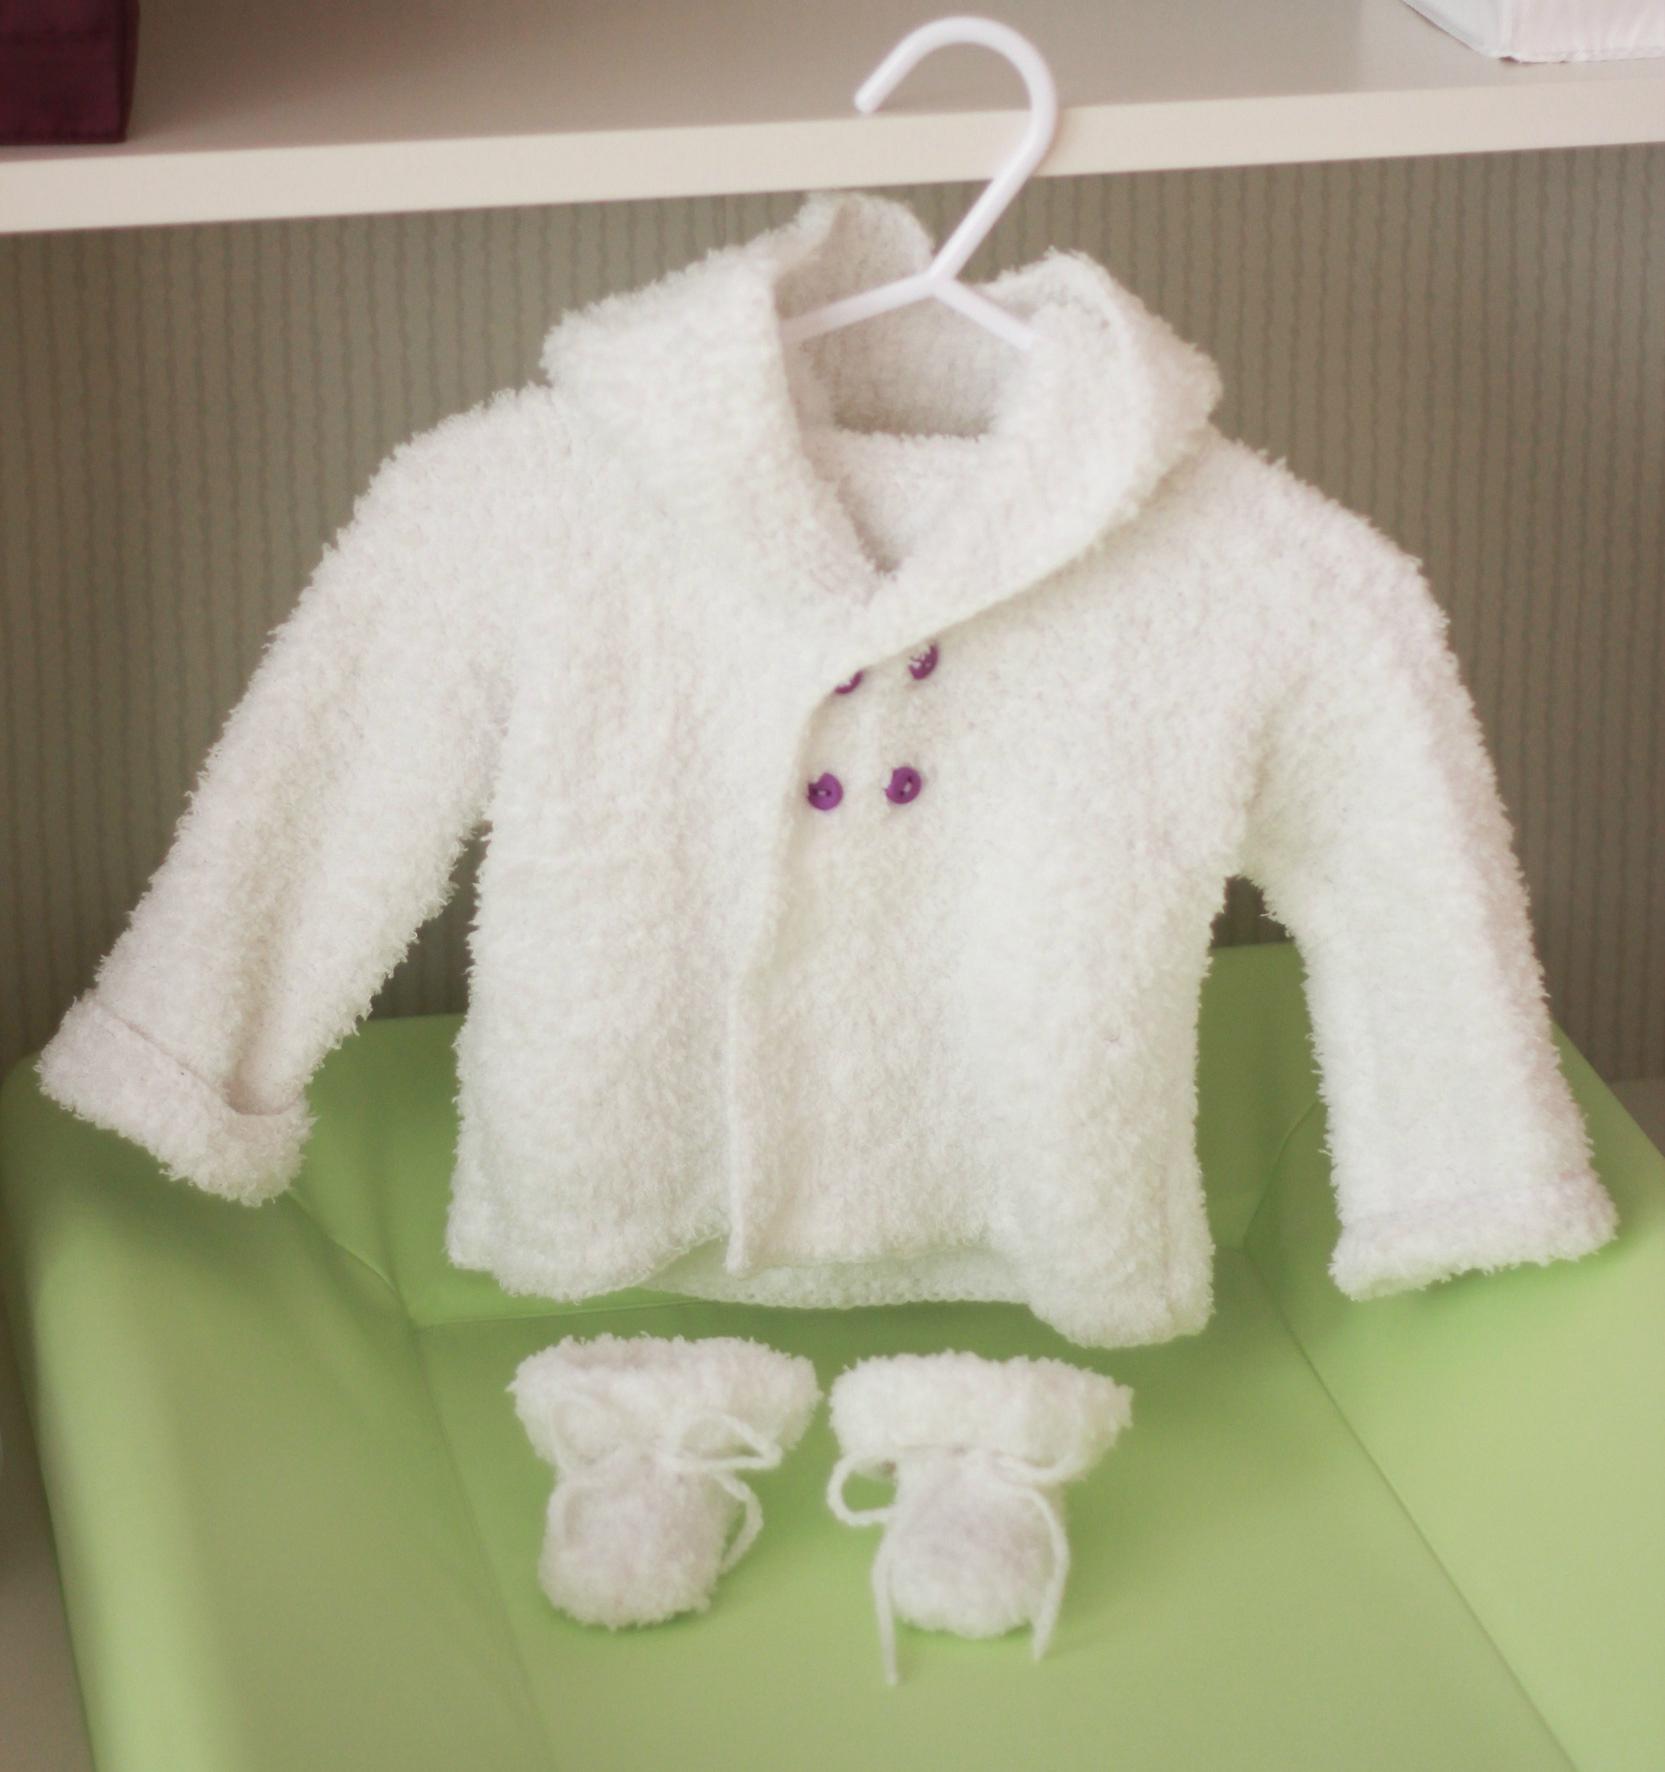 Modele gratuit tricot layette gilet - Idées de tricot gratuit bee3d3567e5